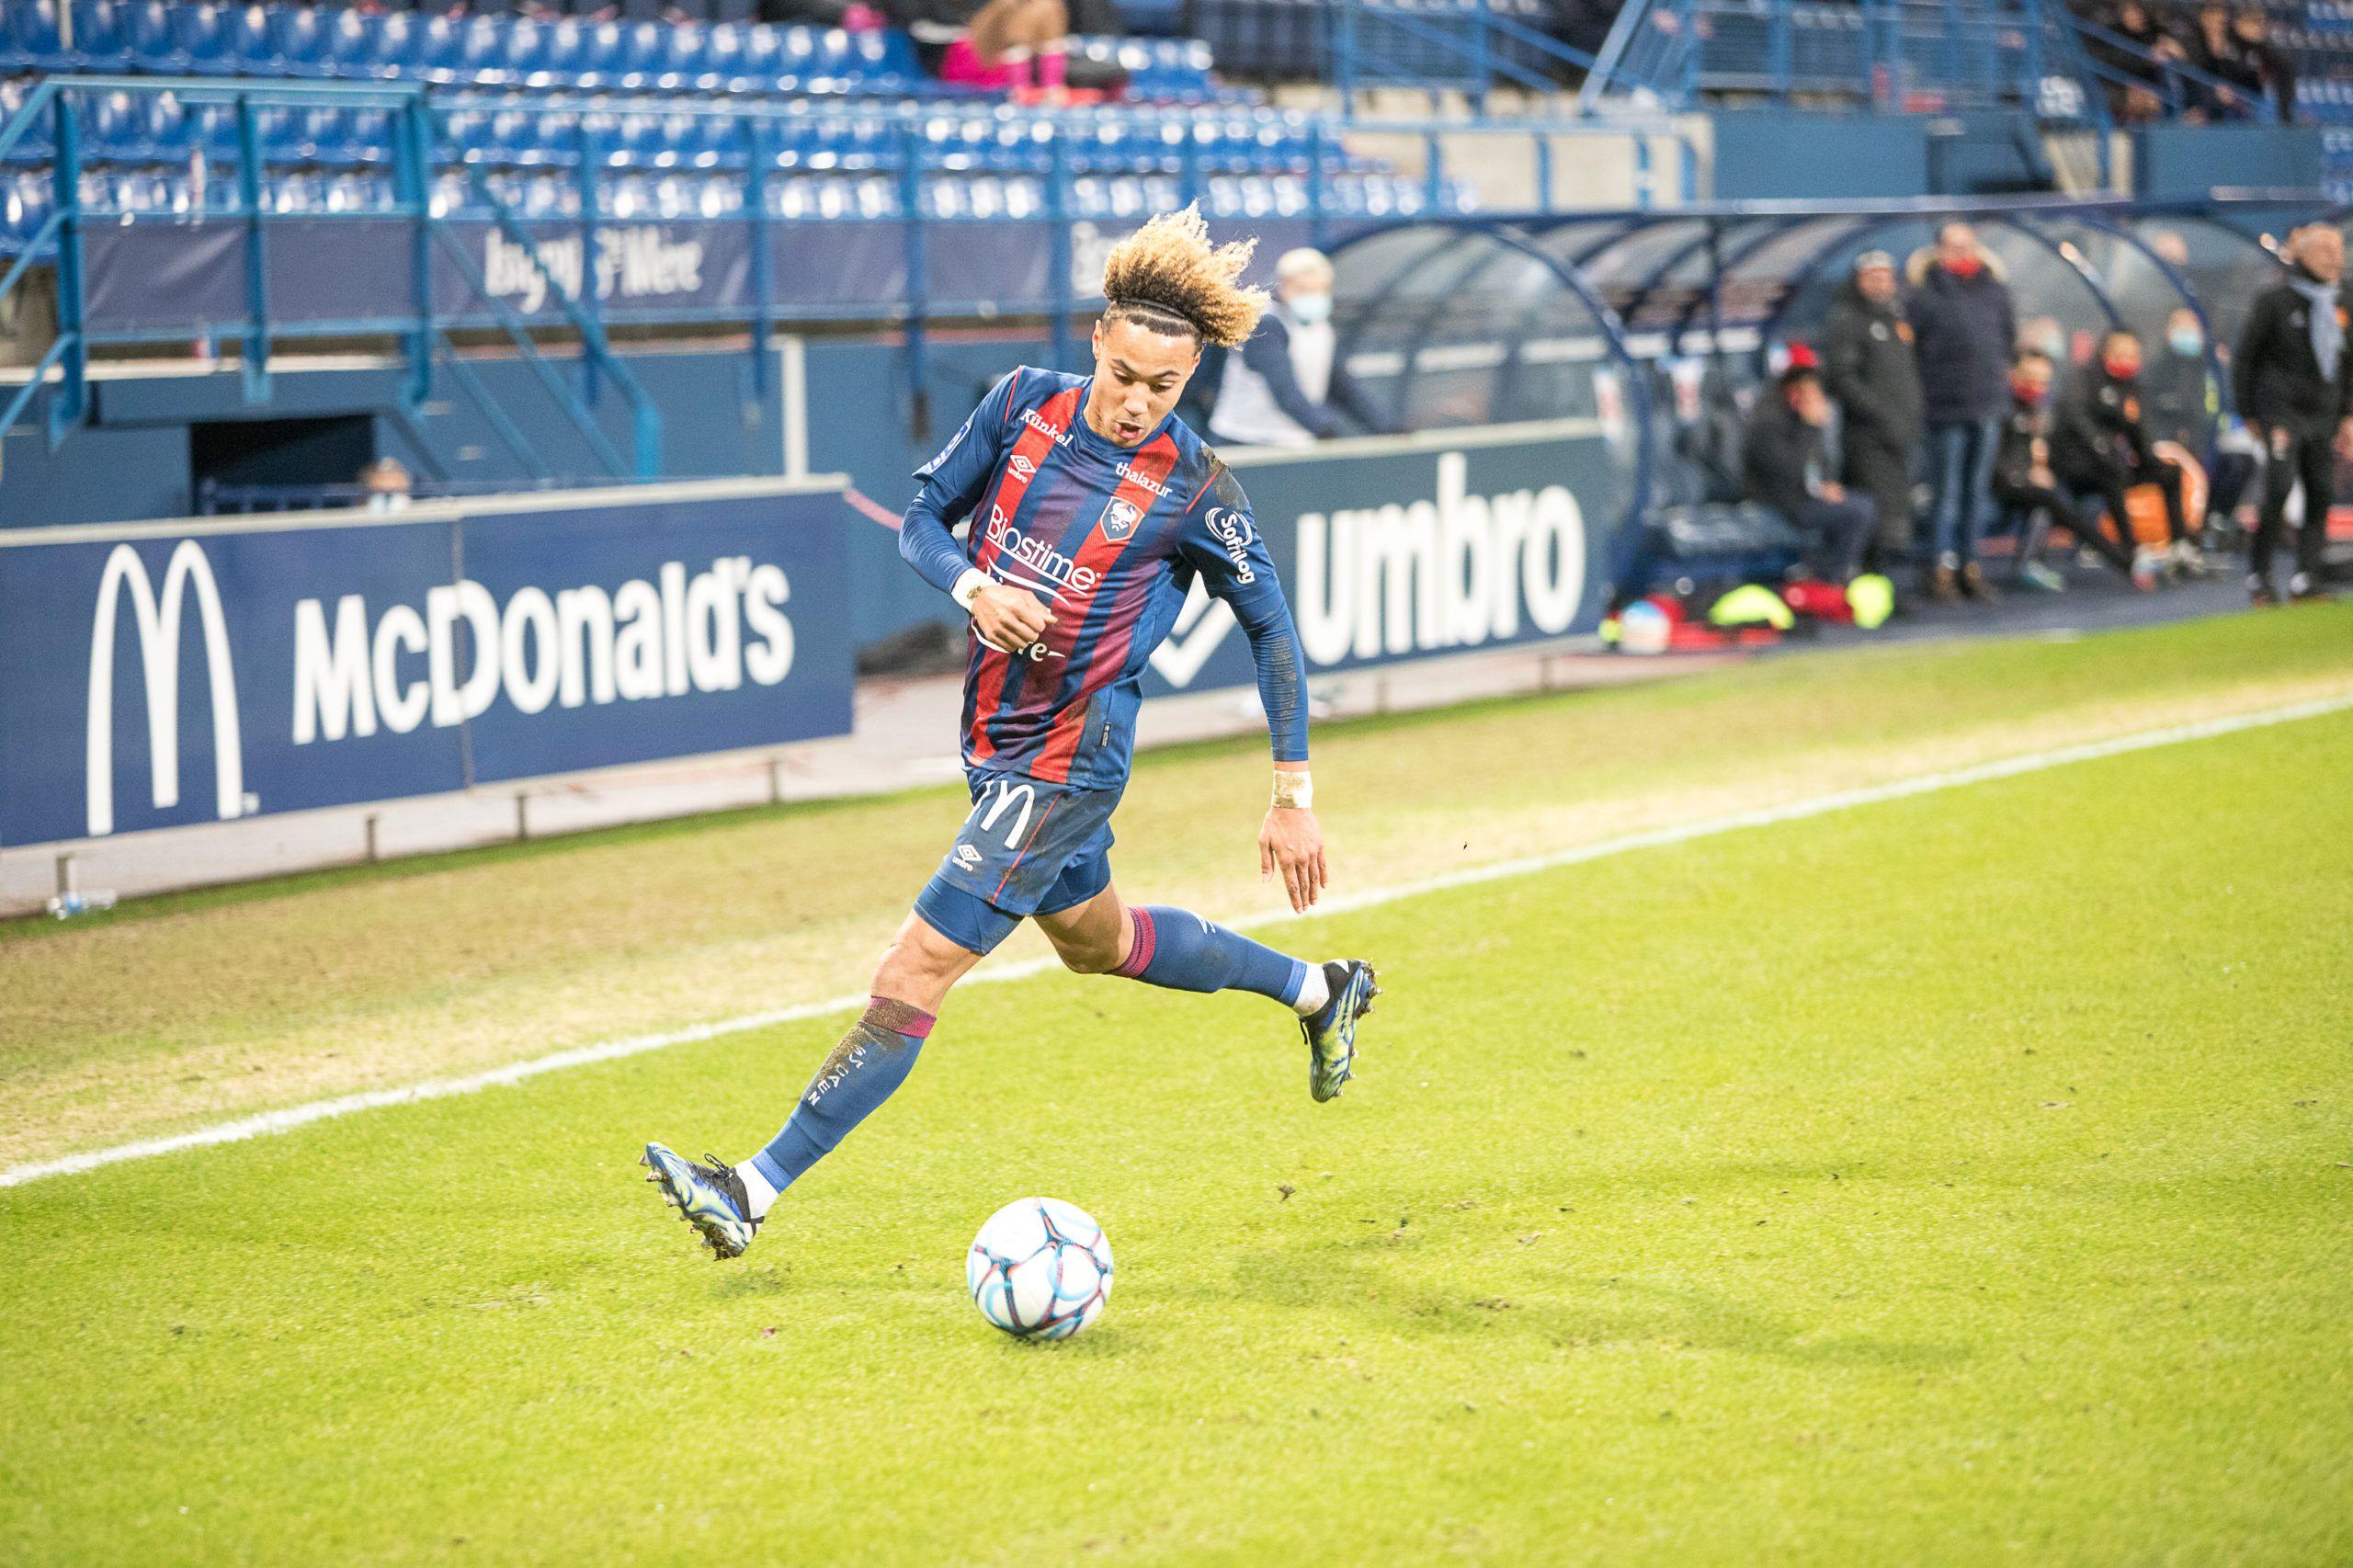 Première sélection pour Alexis Beka Beka avec l'équipe de France U20